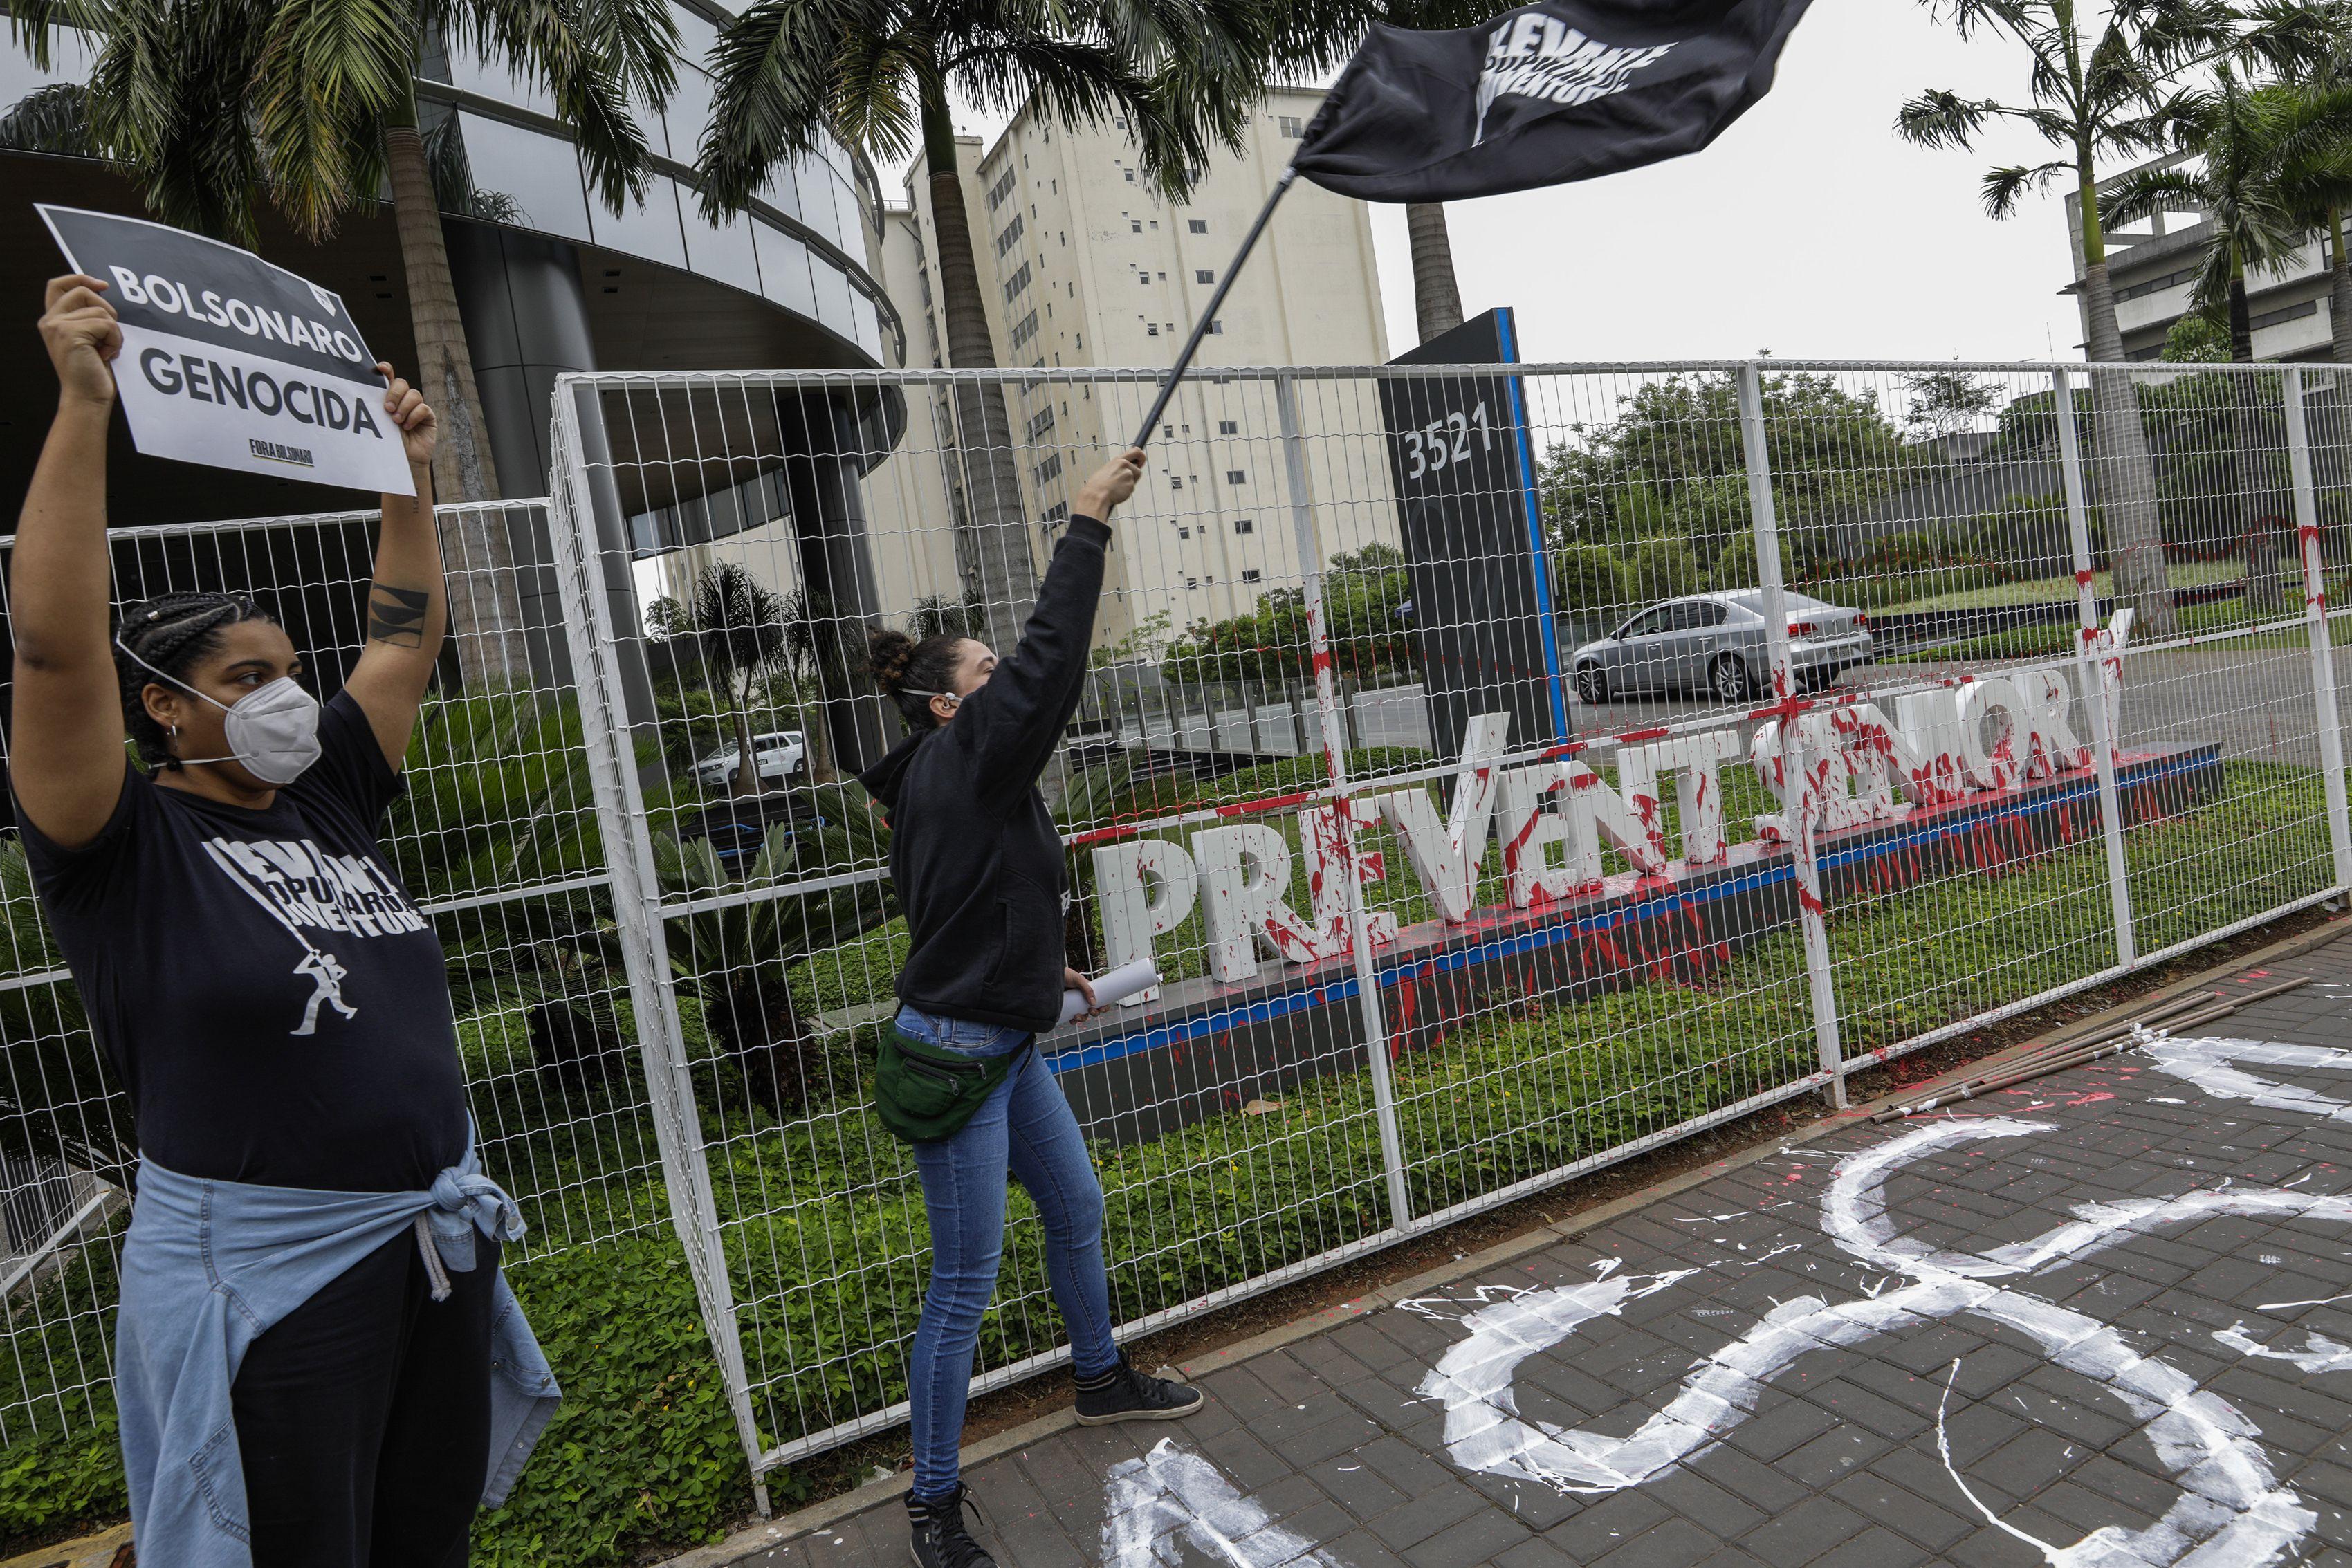 medicos en brasil denuncian atencion poco fiable al covid-19